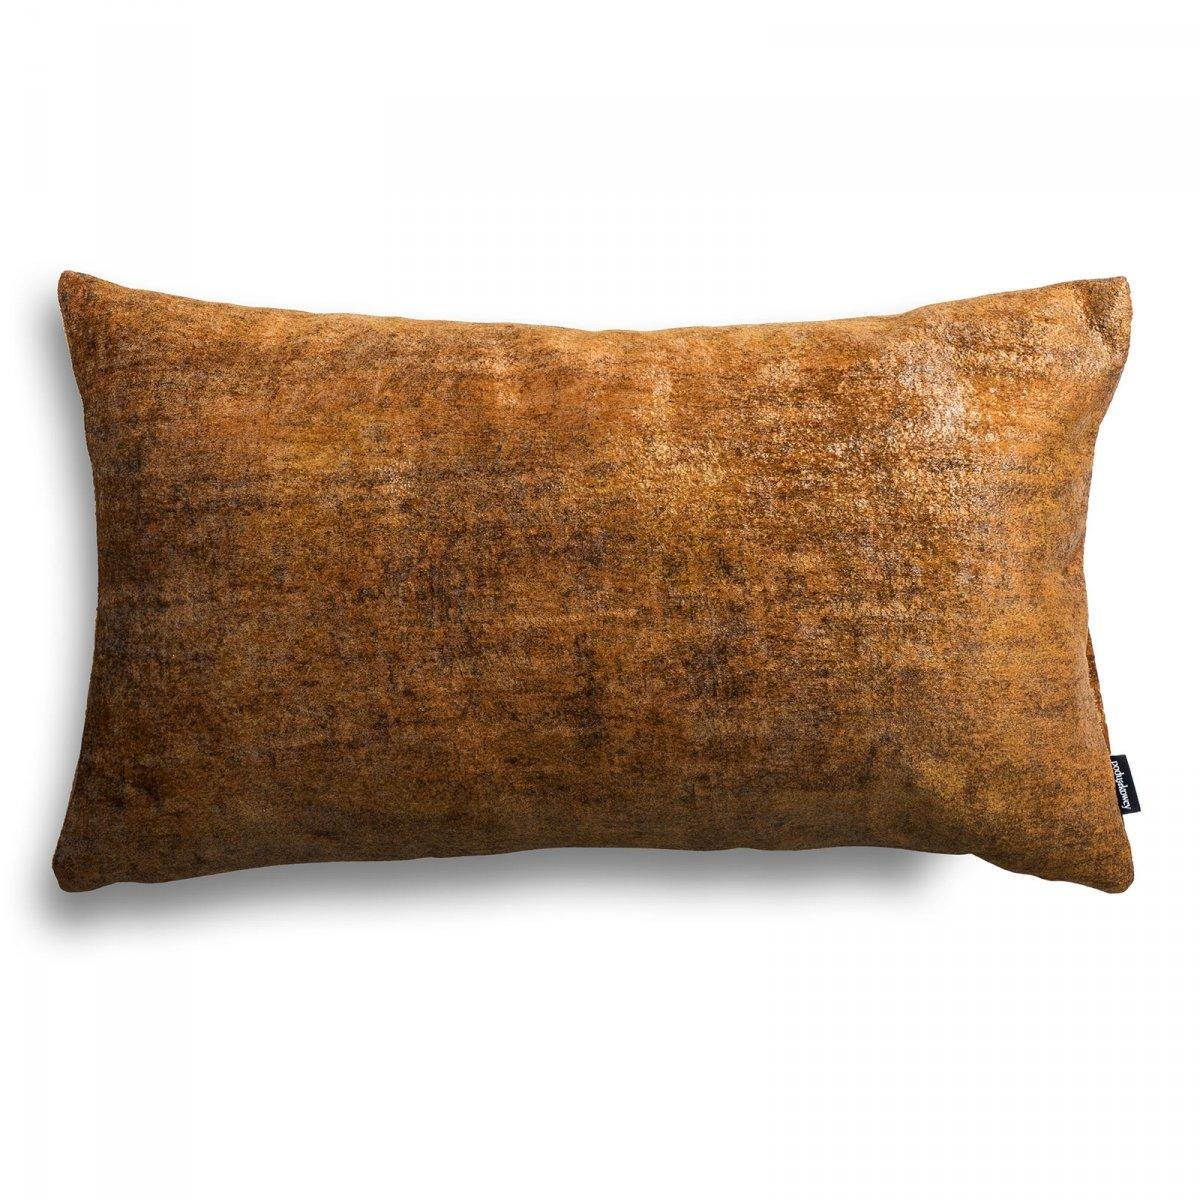 Stone miedziana poduszka dekoracyjna 50x30